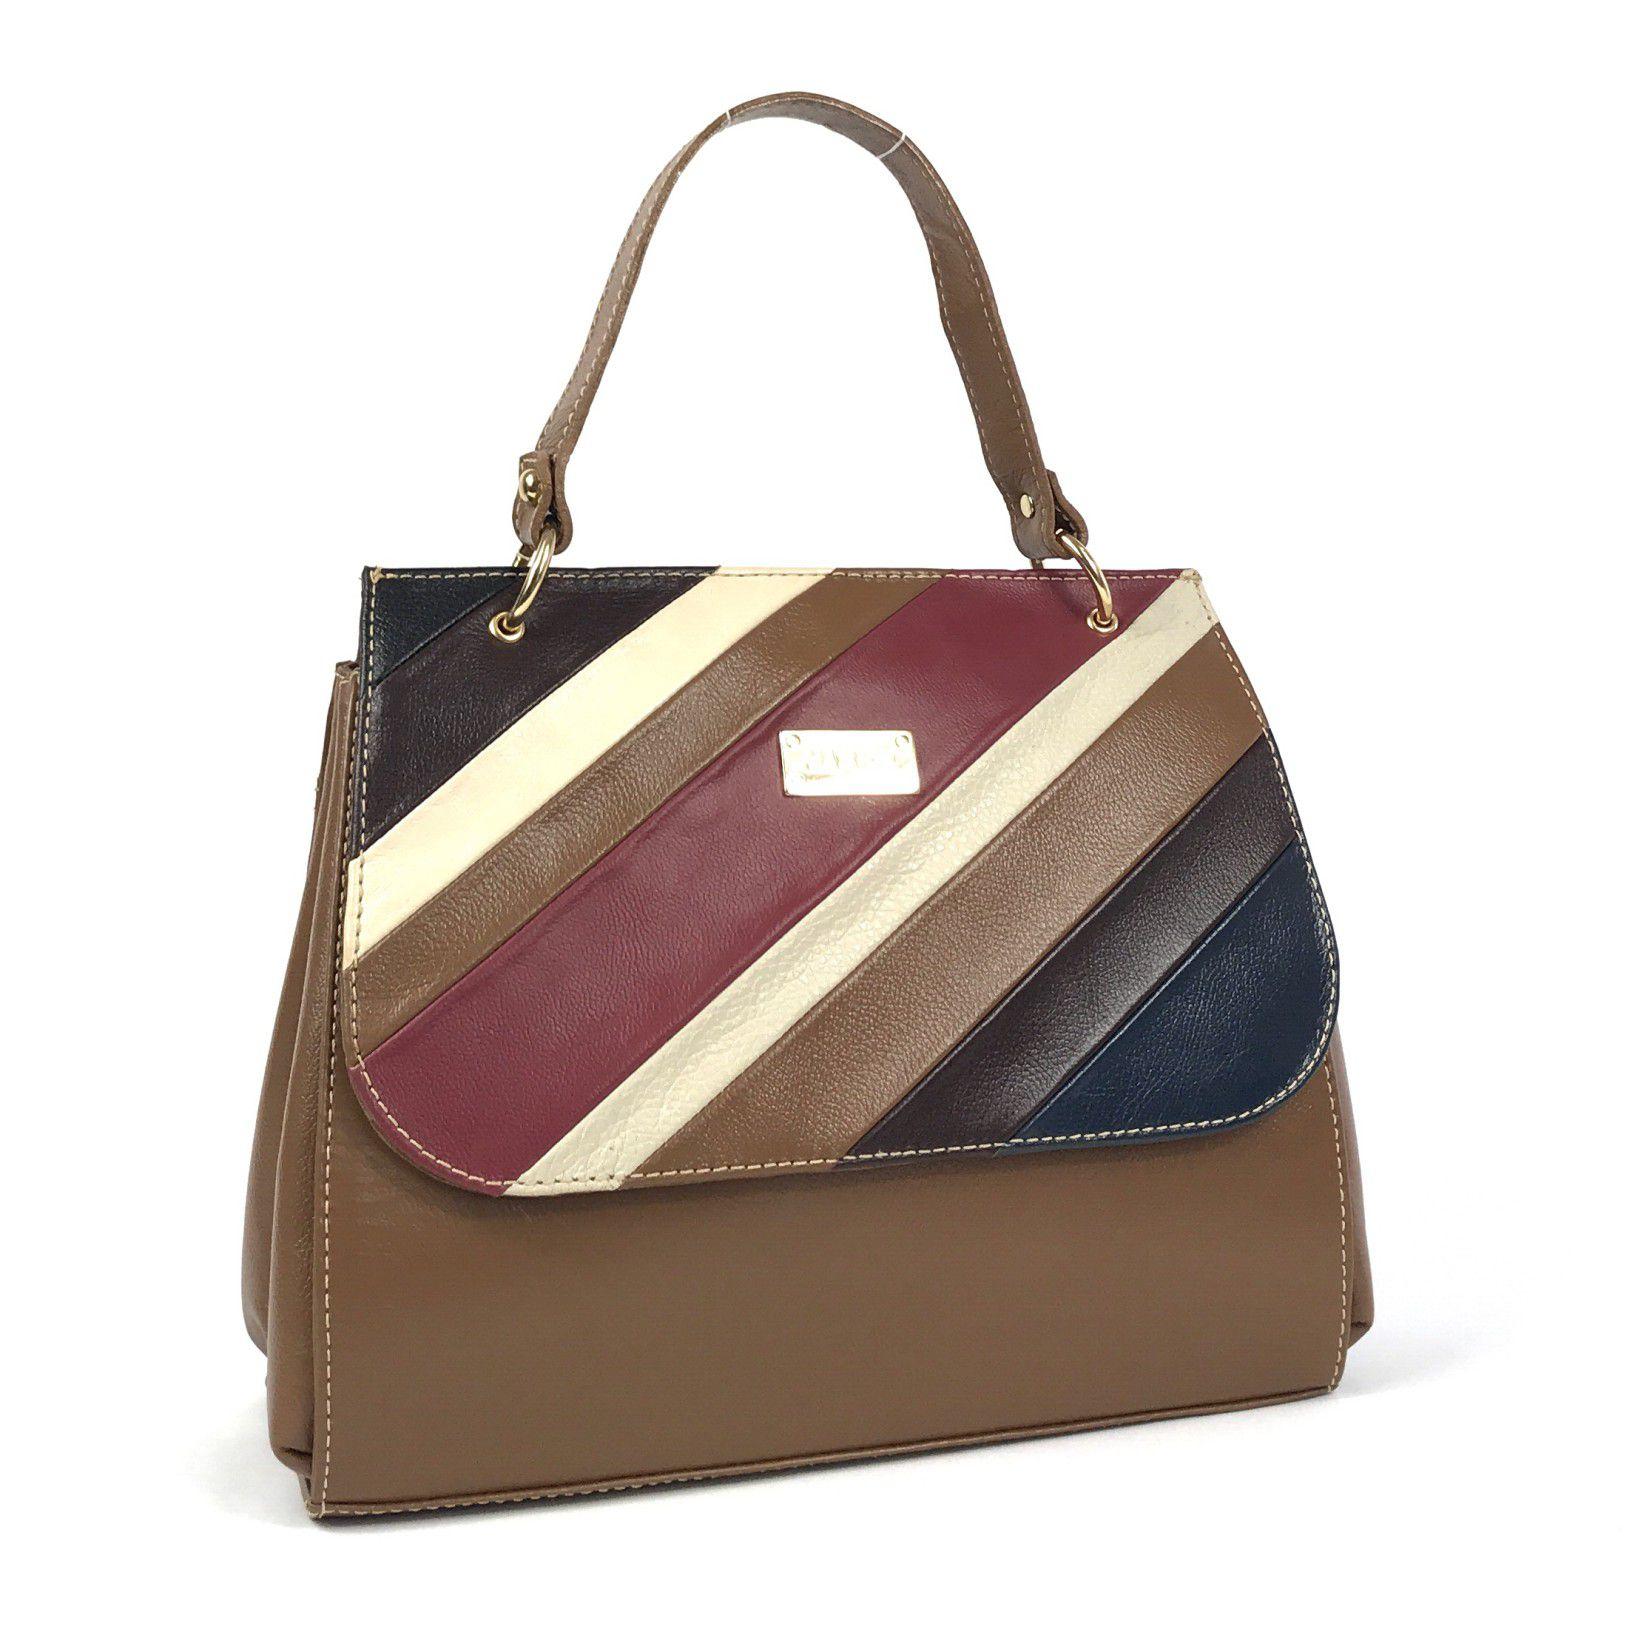 009bf481d Bolsa feminina tiracolo de couro média marrom com alça de mão e transversal  HB695 | HAMISH